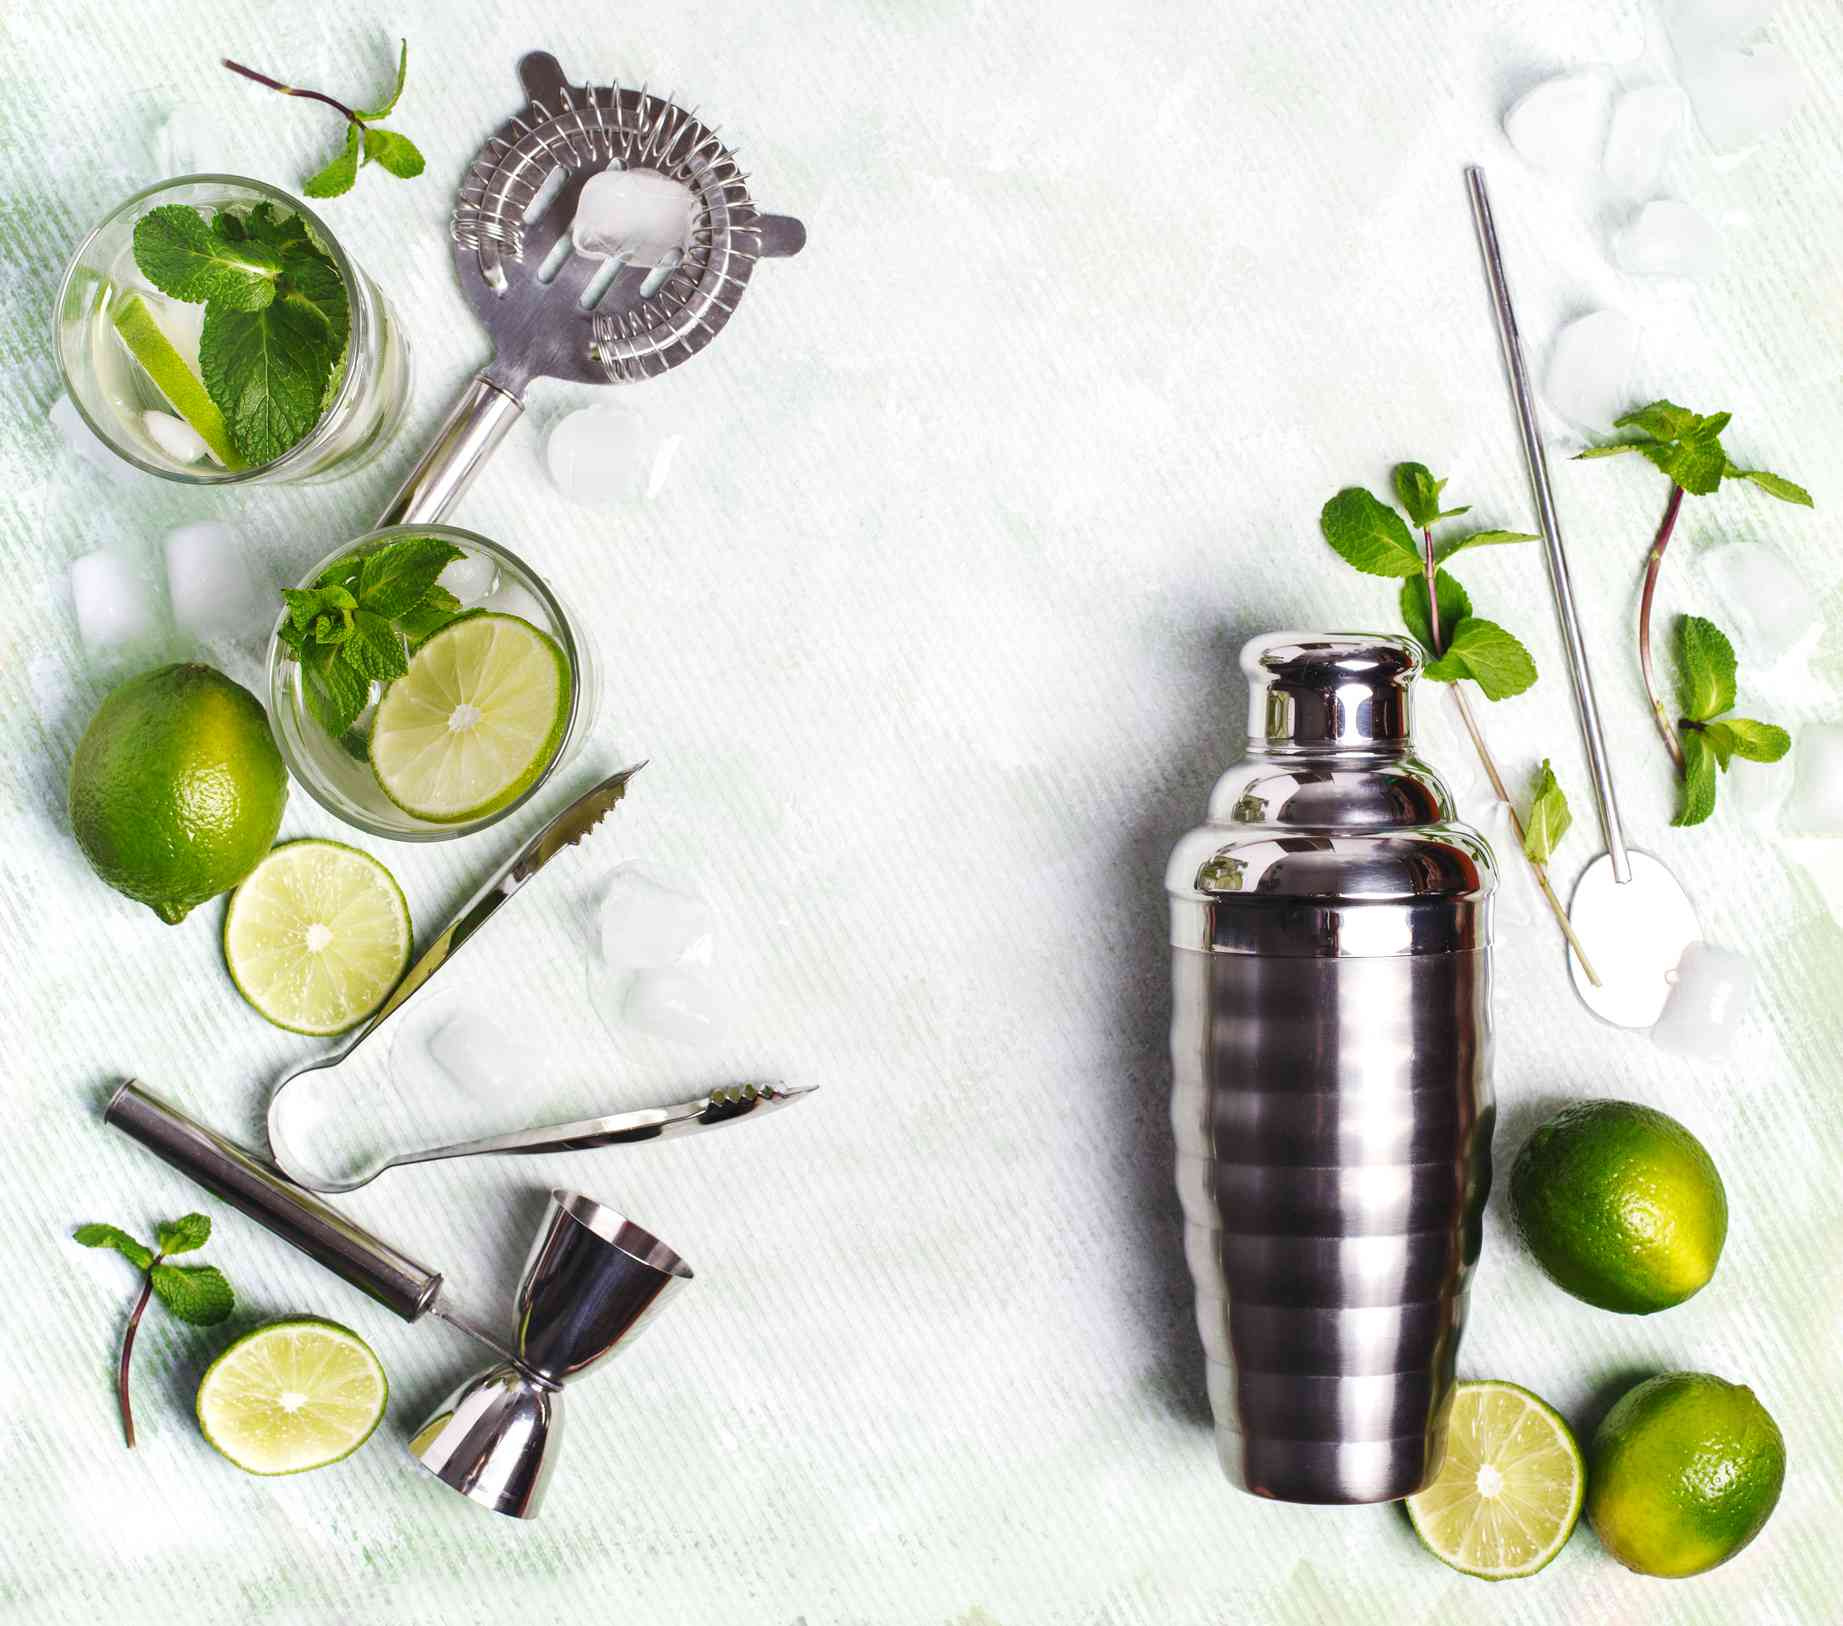 Coctelera rodeada de limones y herramientas de barra.